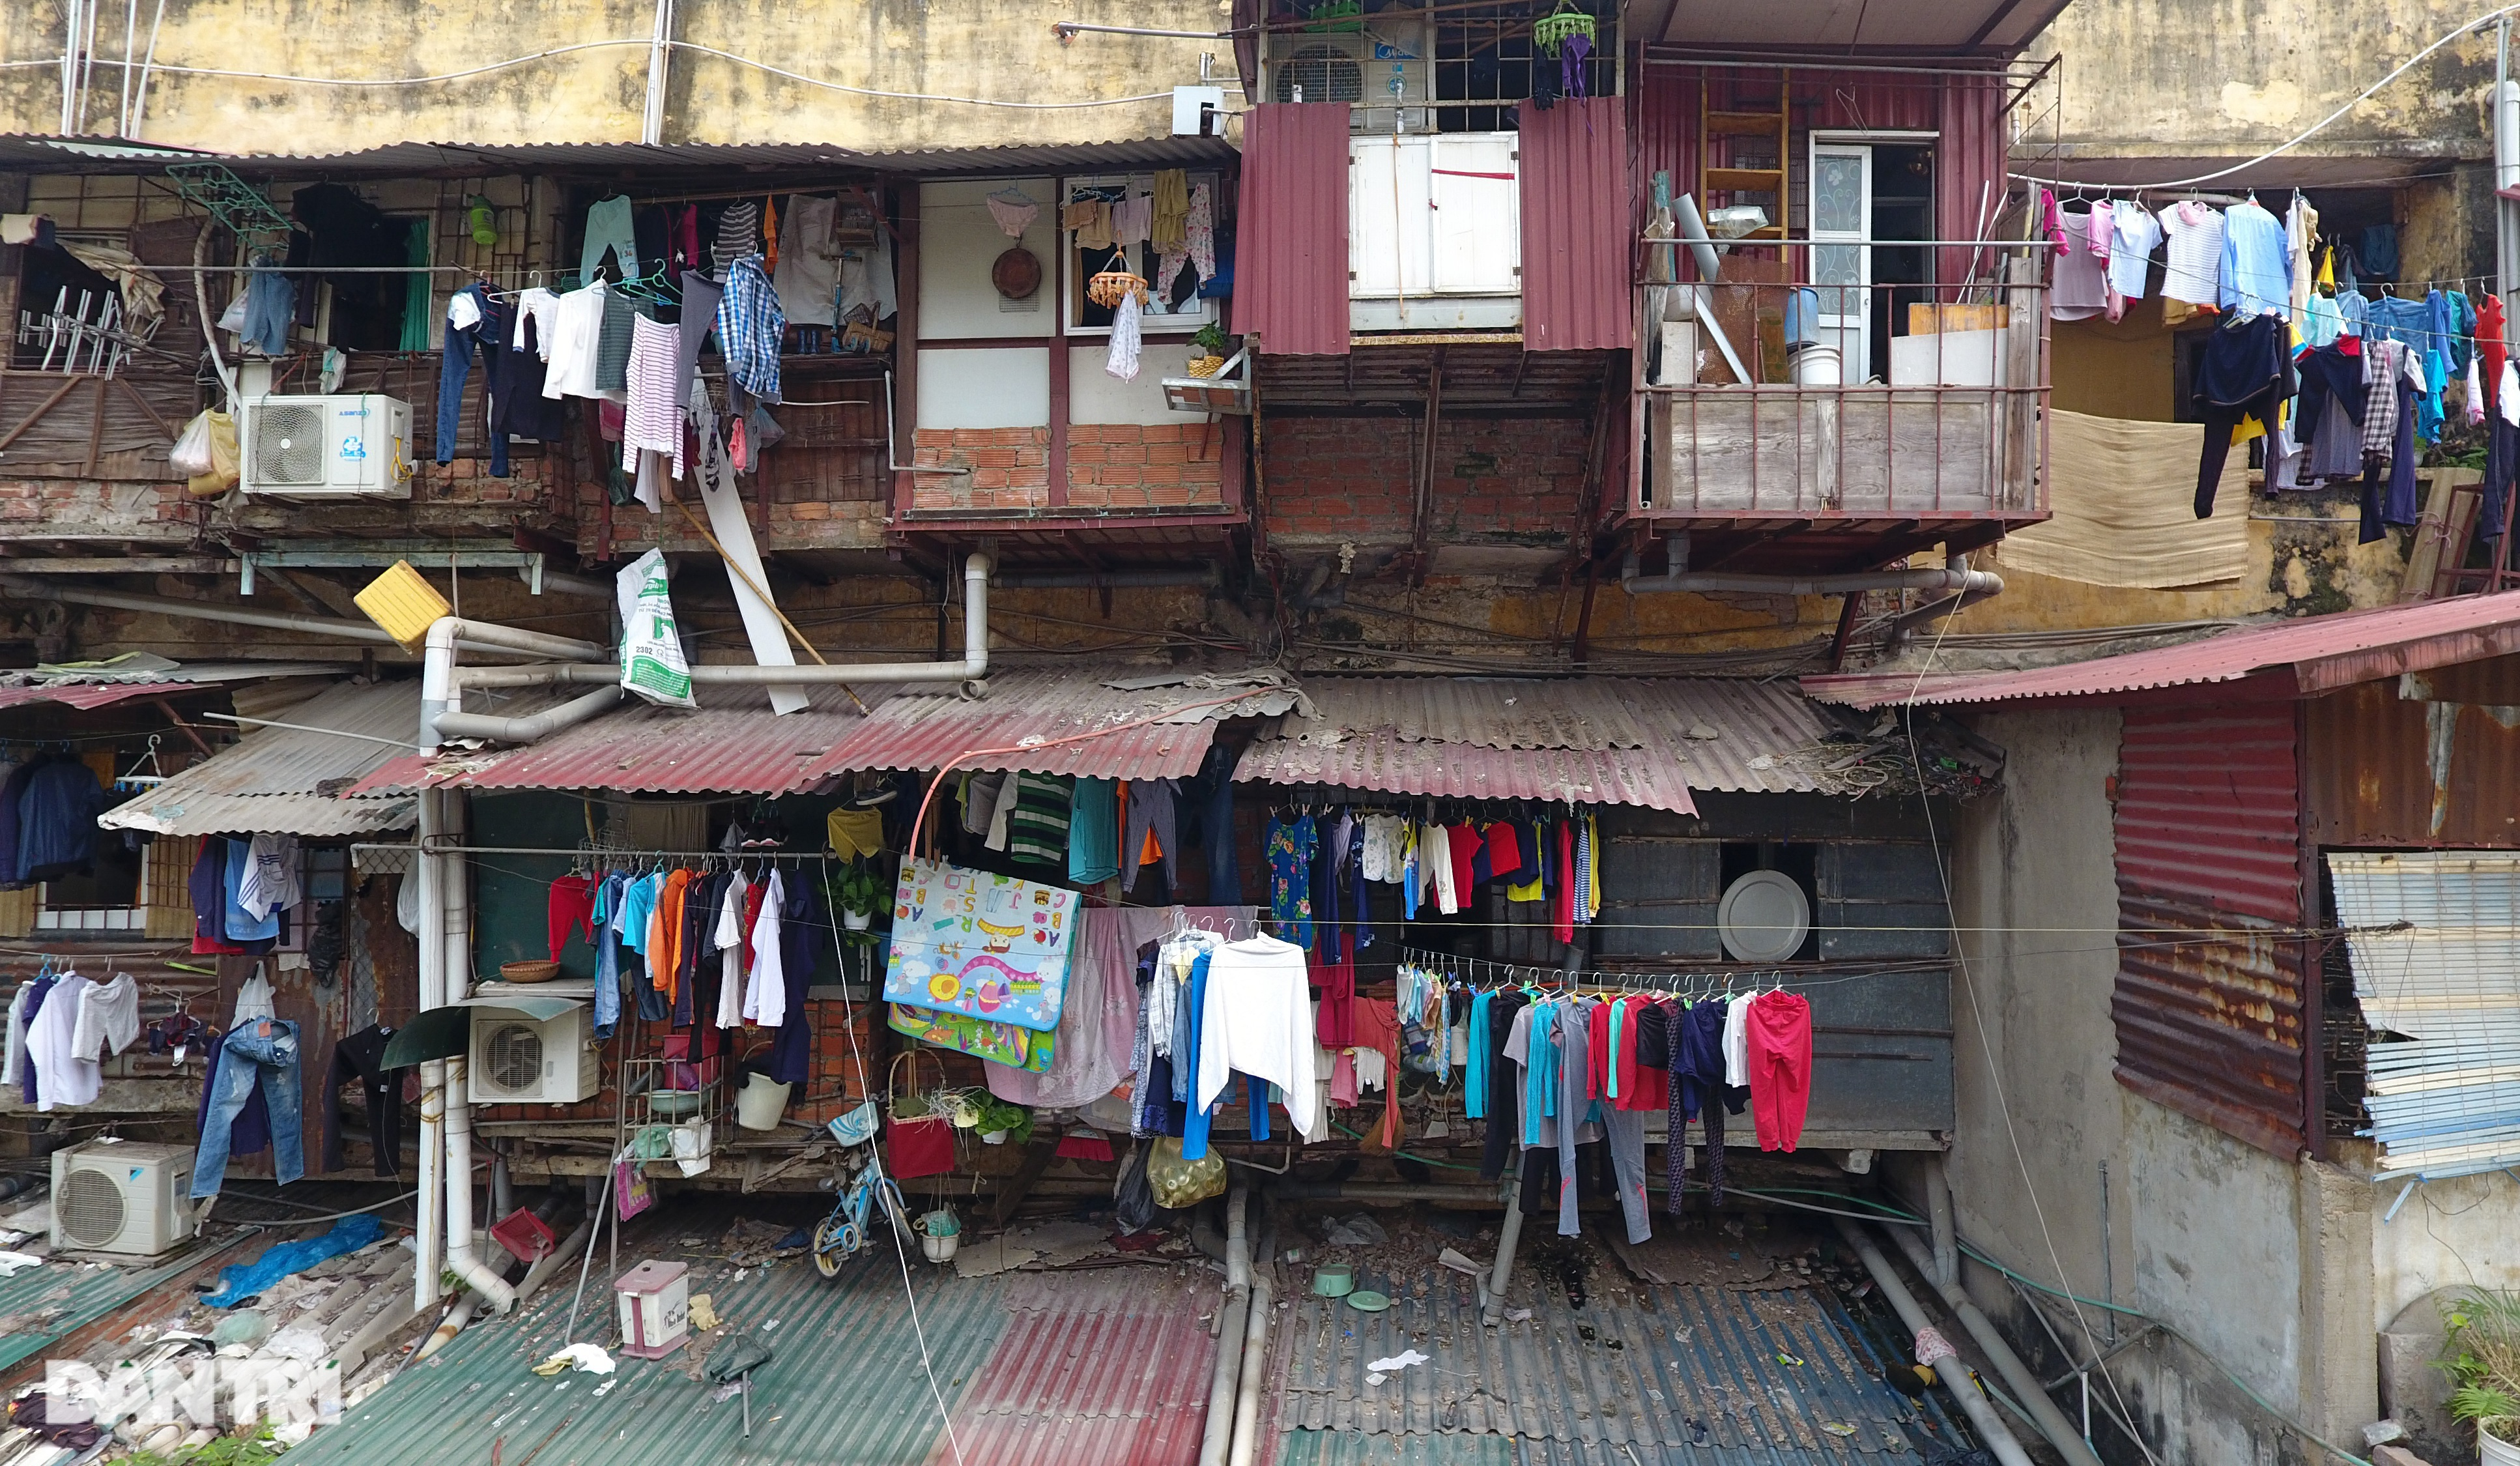 Hà Nội kiểm định hàng trăm chung cư cũ, có 8 nơi phải phá dỡ vì nguy hiểm